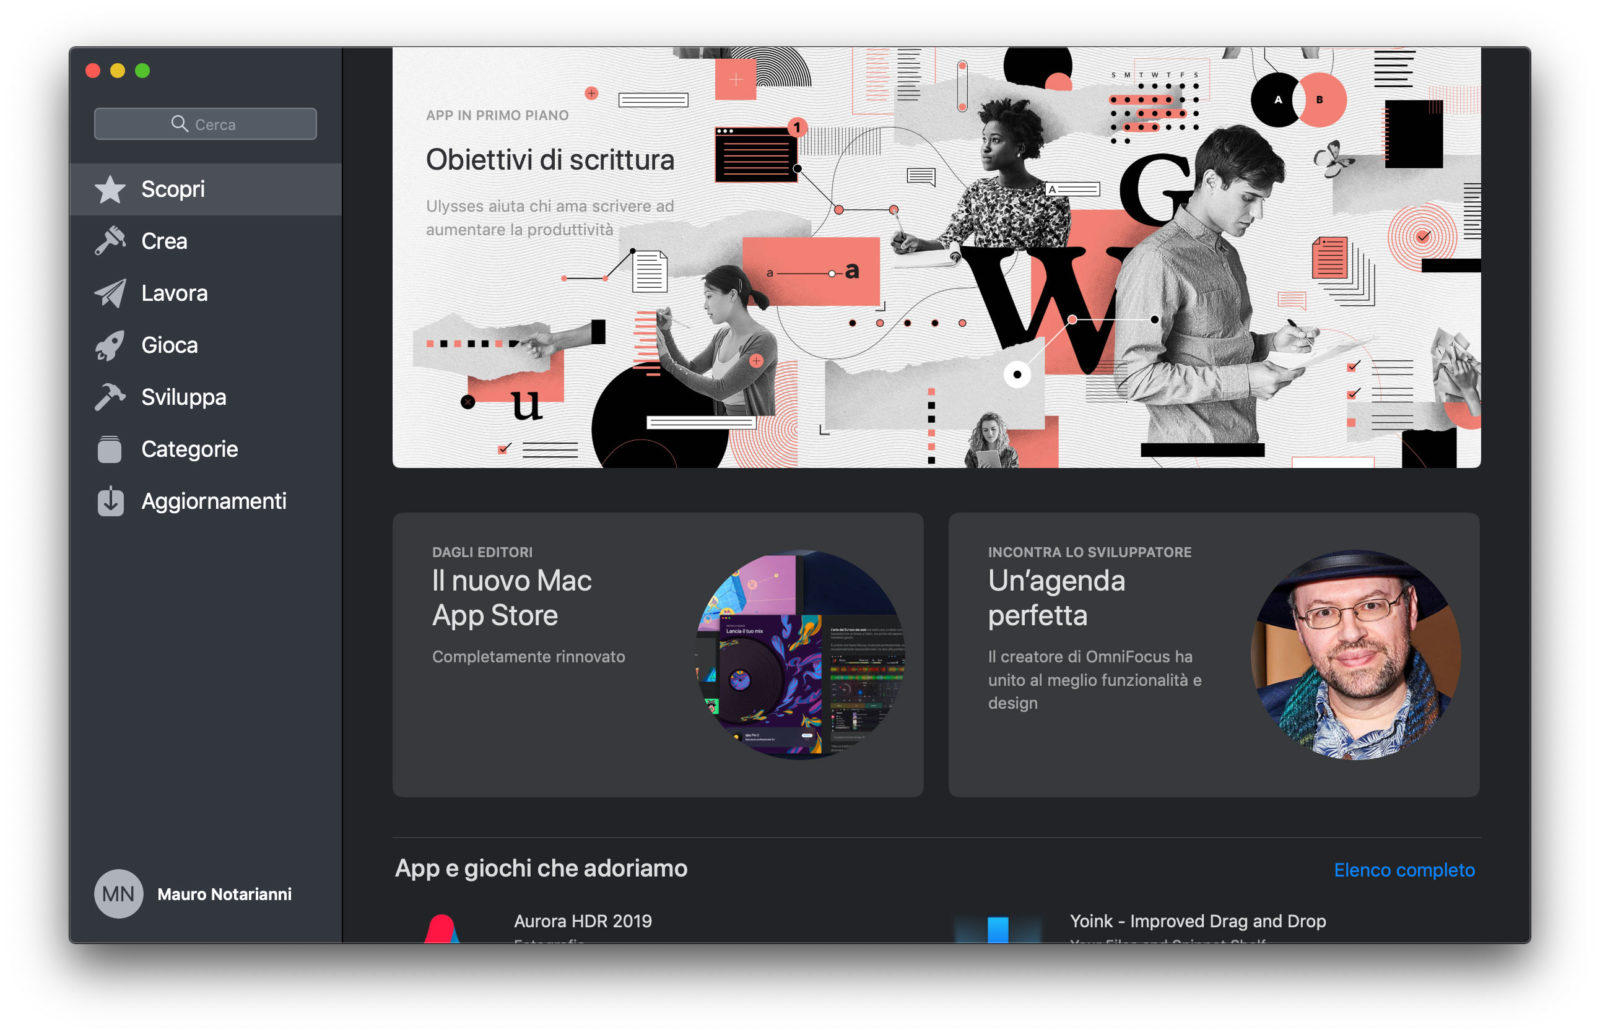 bundle di app mac - foto Mac App Store di macOS Mojave è stato ridisegnato e offre contenuti editoriali che semplificano la ricerca delle app per Mac